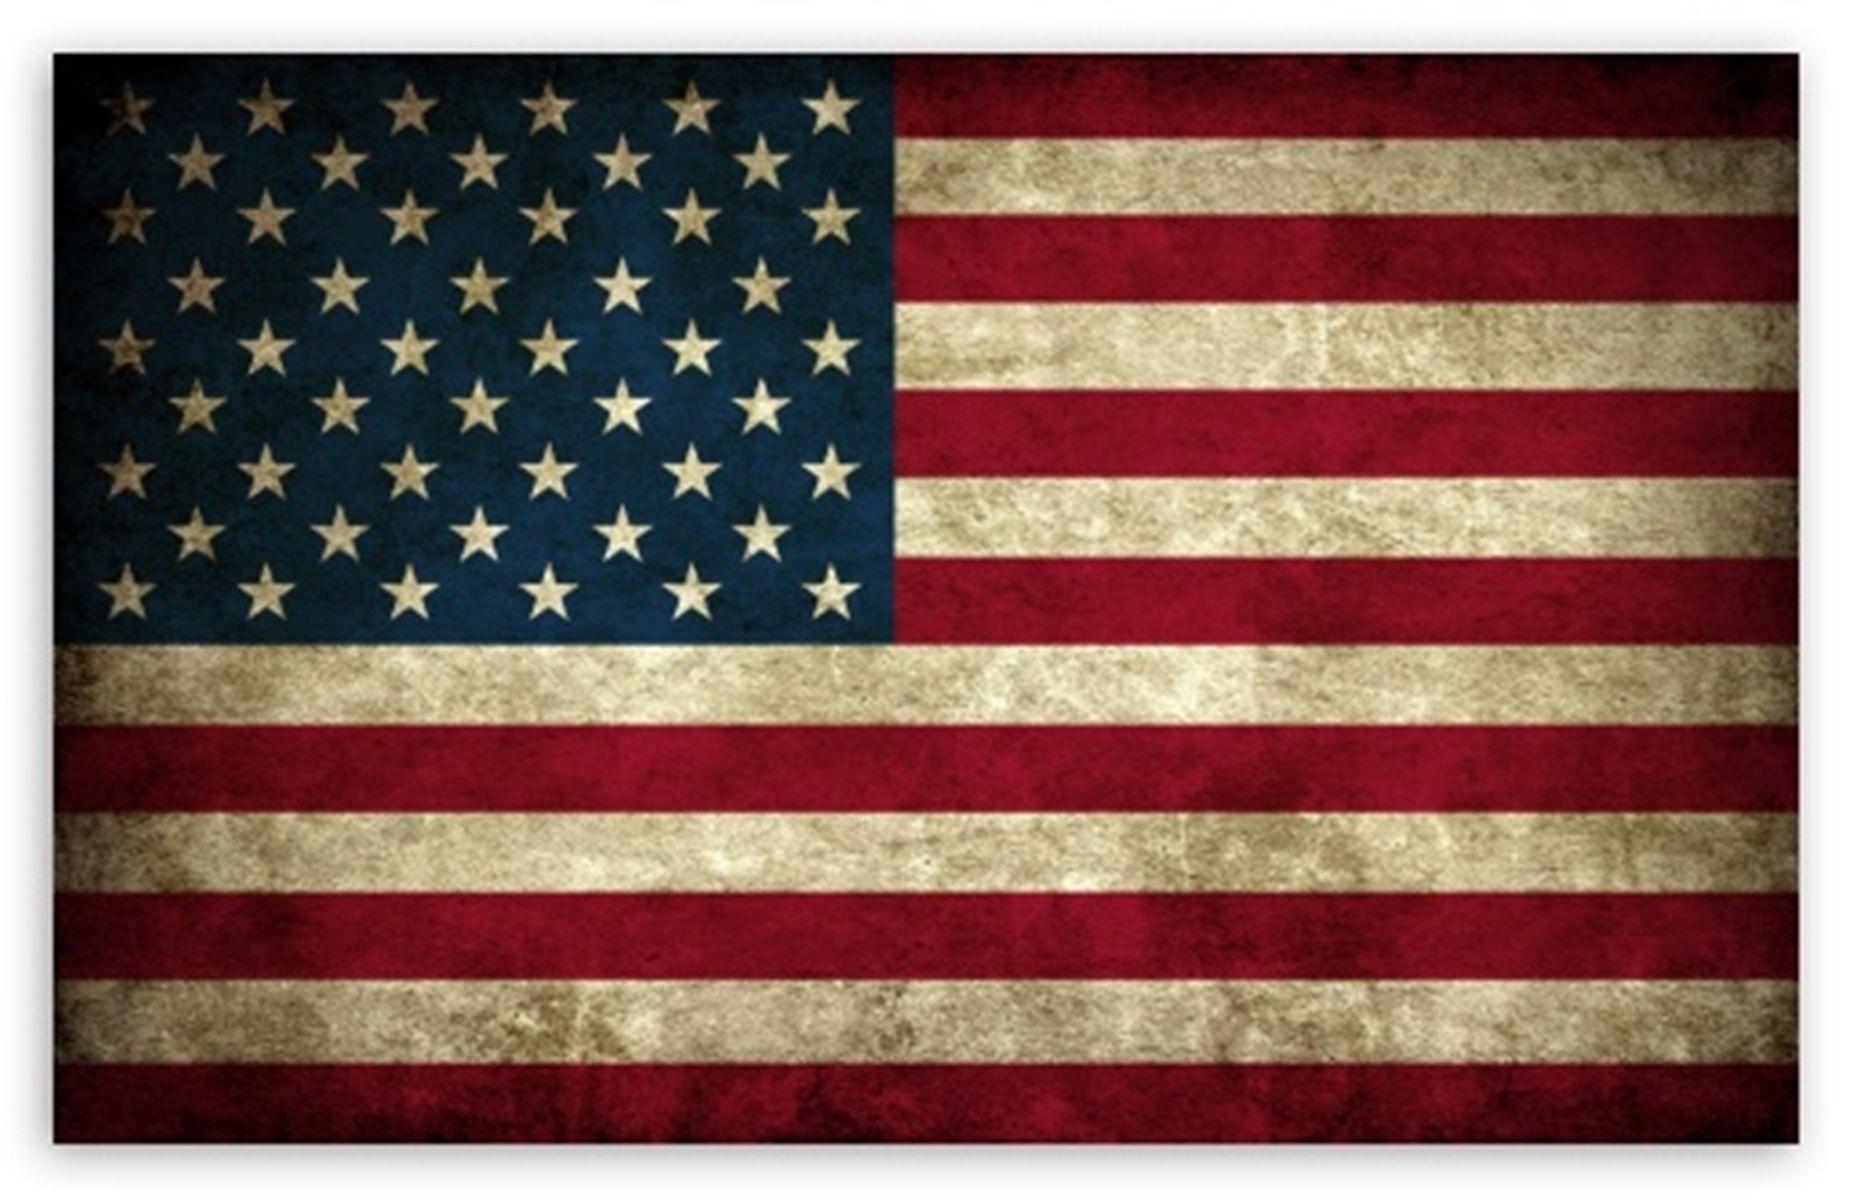 american flag wallpaper grunge | 1 | pinterest | american flag wallpaper